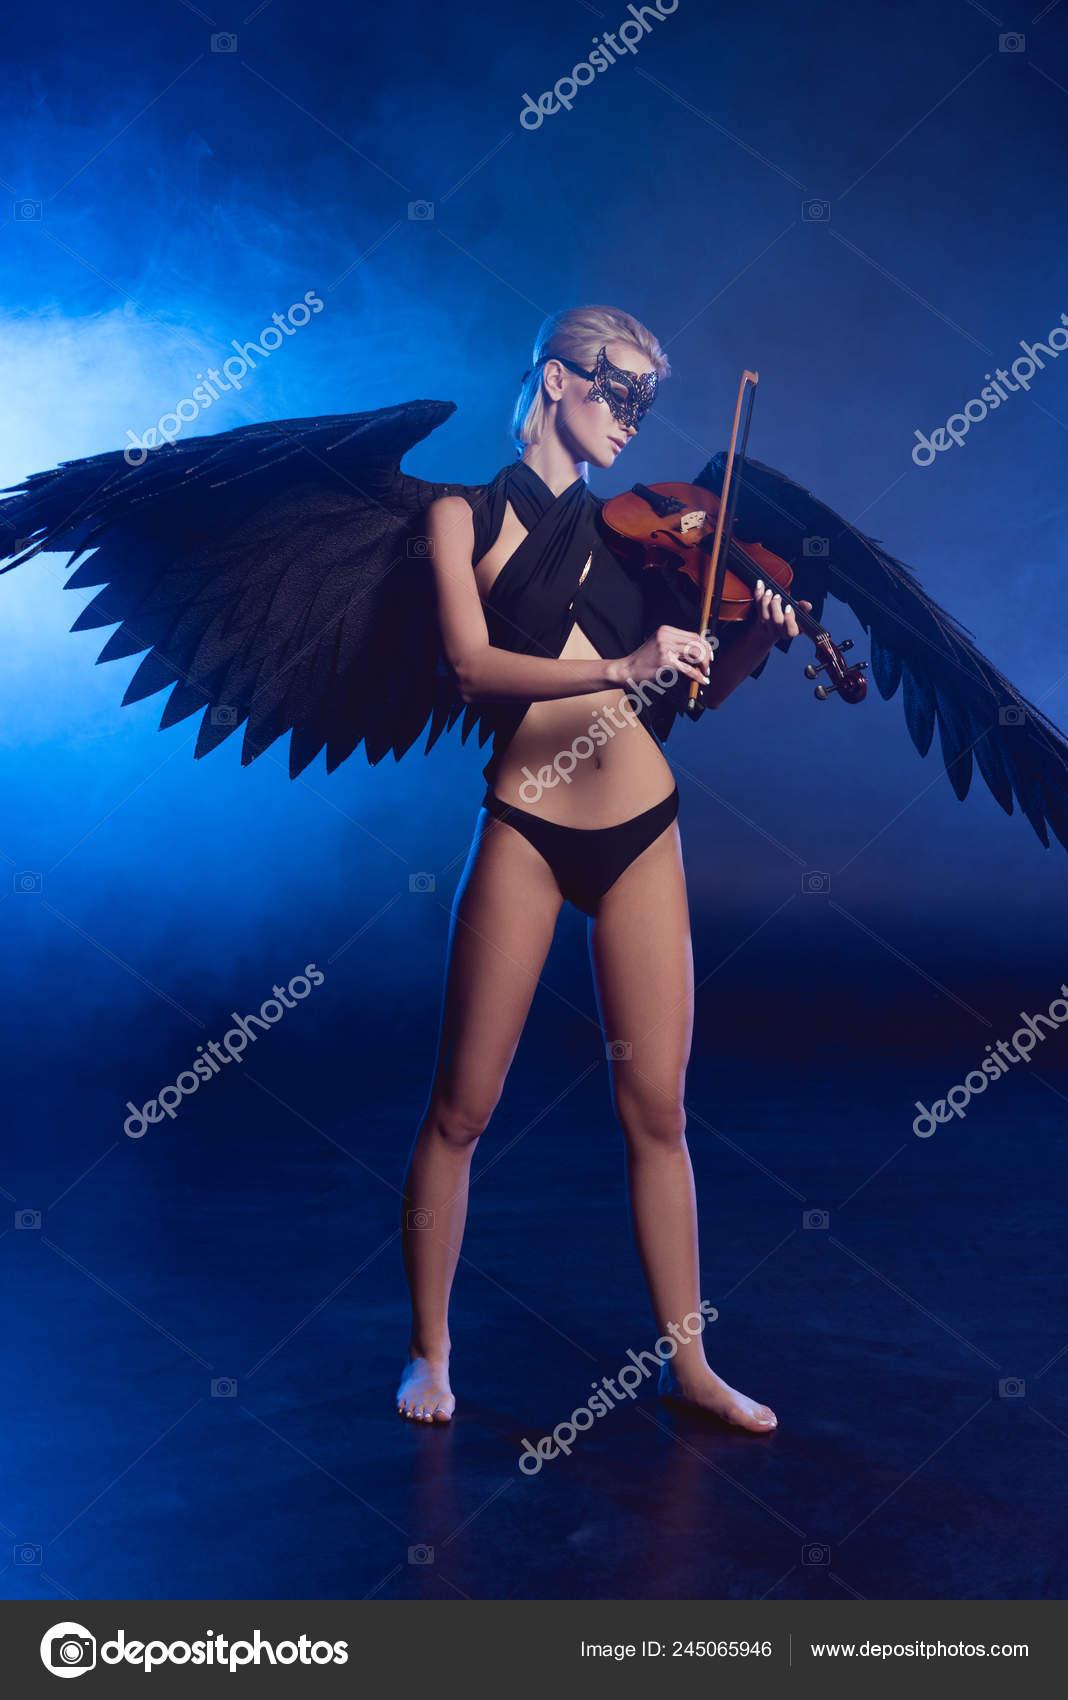 μαύρο έφηβος μαύρο πουλί μαύρη χήρα πορνό cosplay